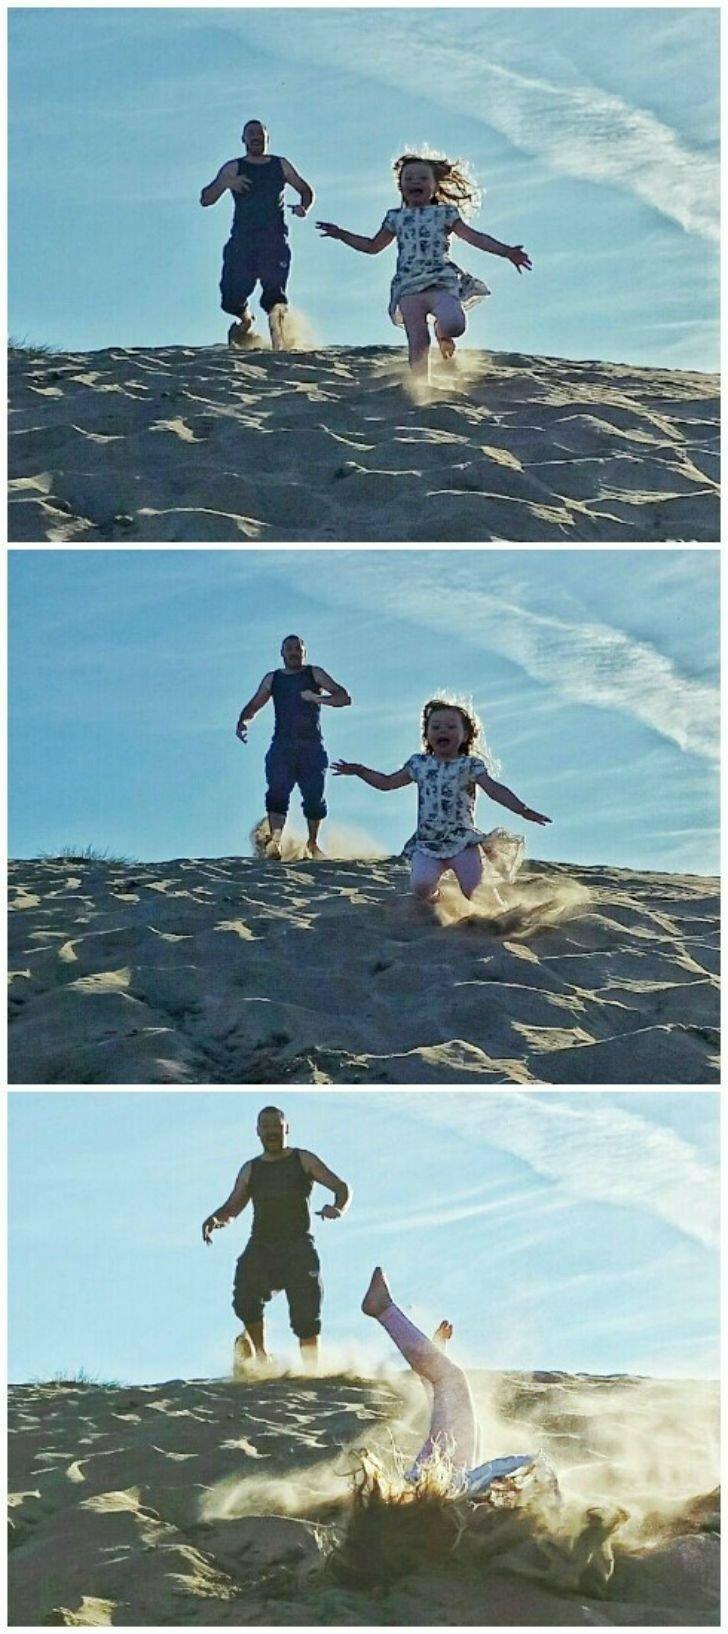 Папа, смотри, как я умею нырять в песок! авто, отдых, отпуск, прикол, семья, смешно, фото, фотографии, юмор